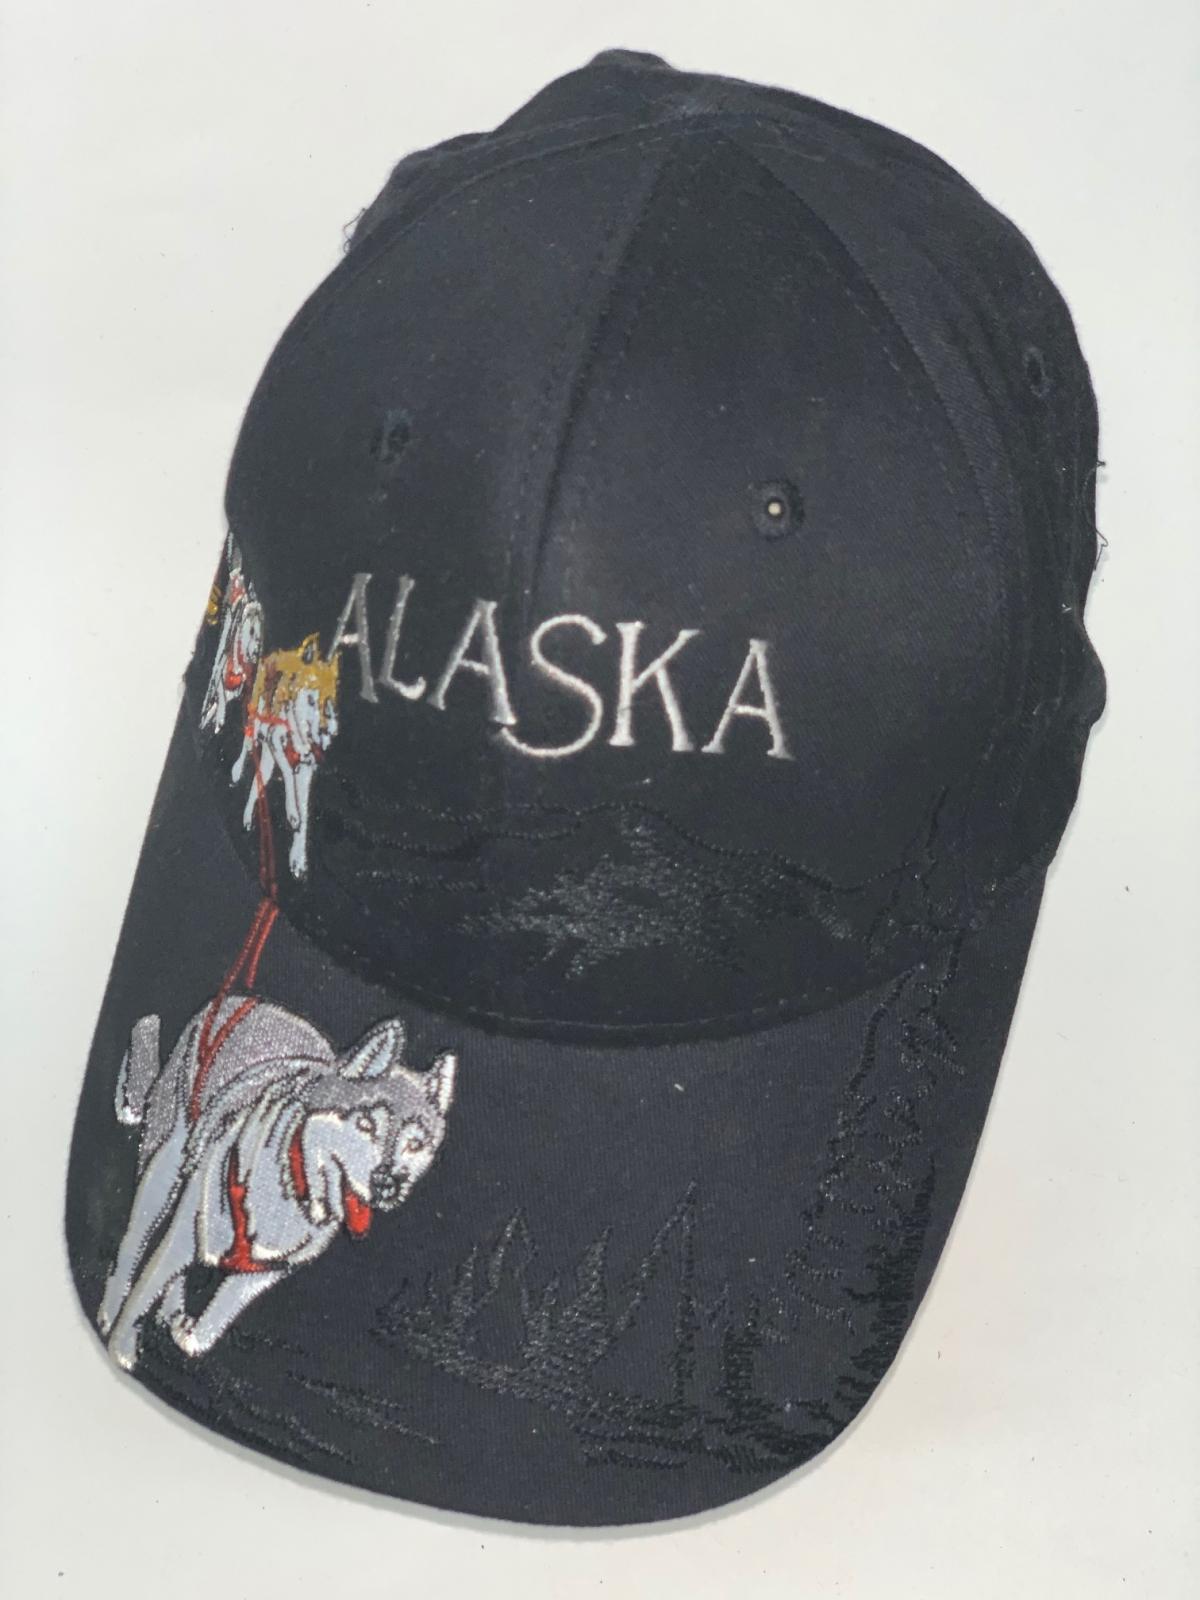 Черная бейсболка Alaska с вышитыми хаски